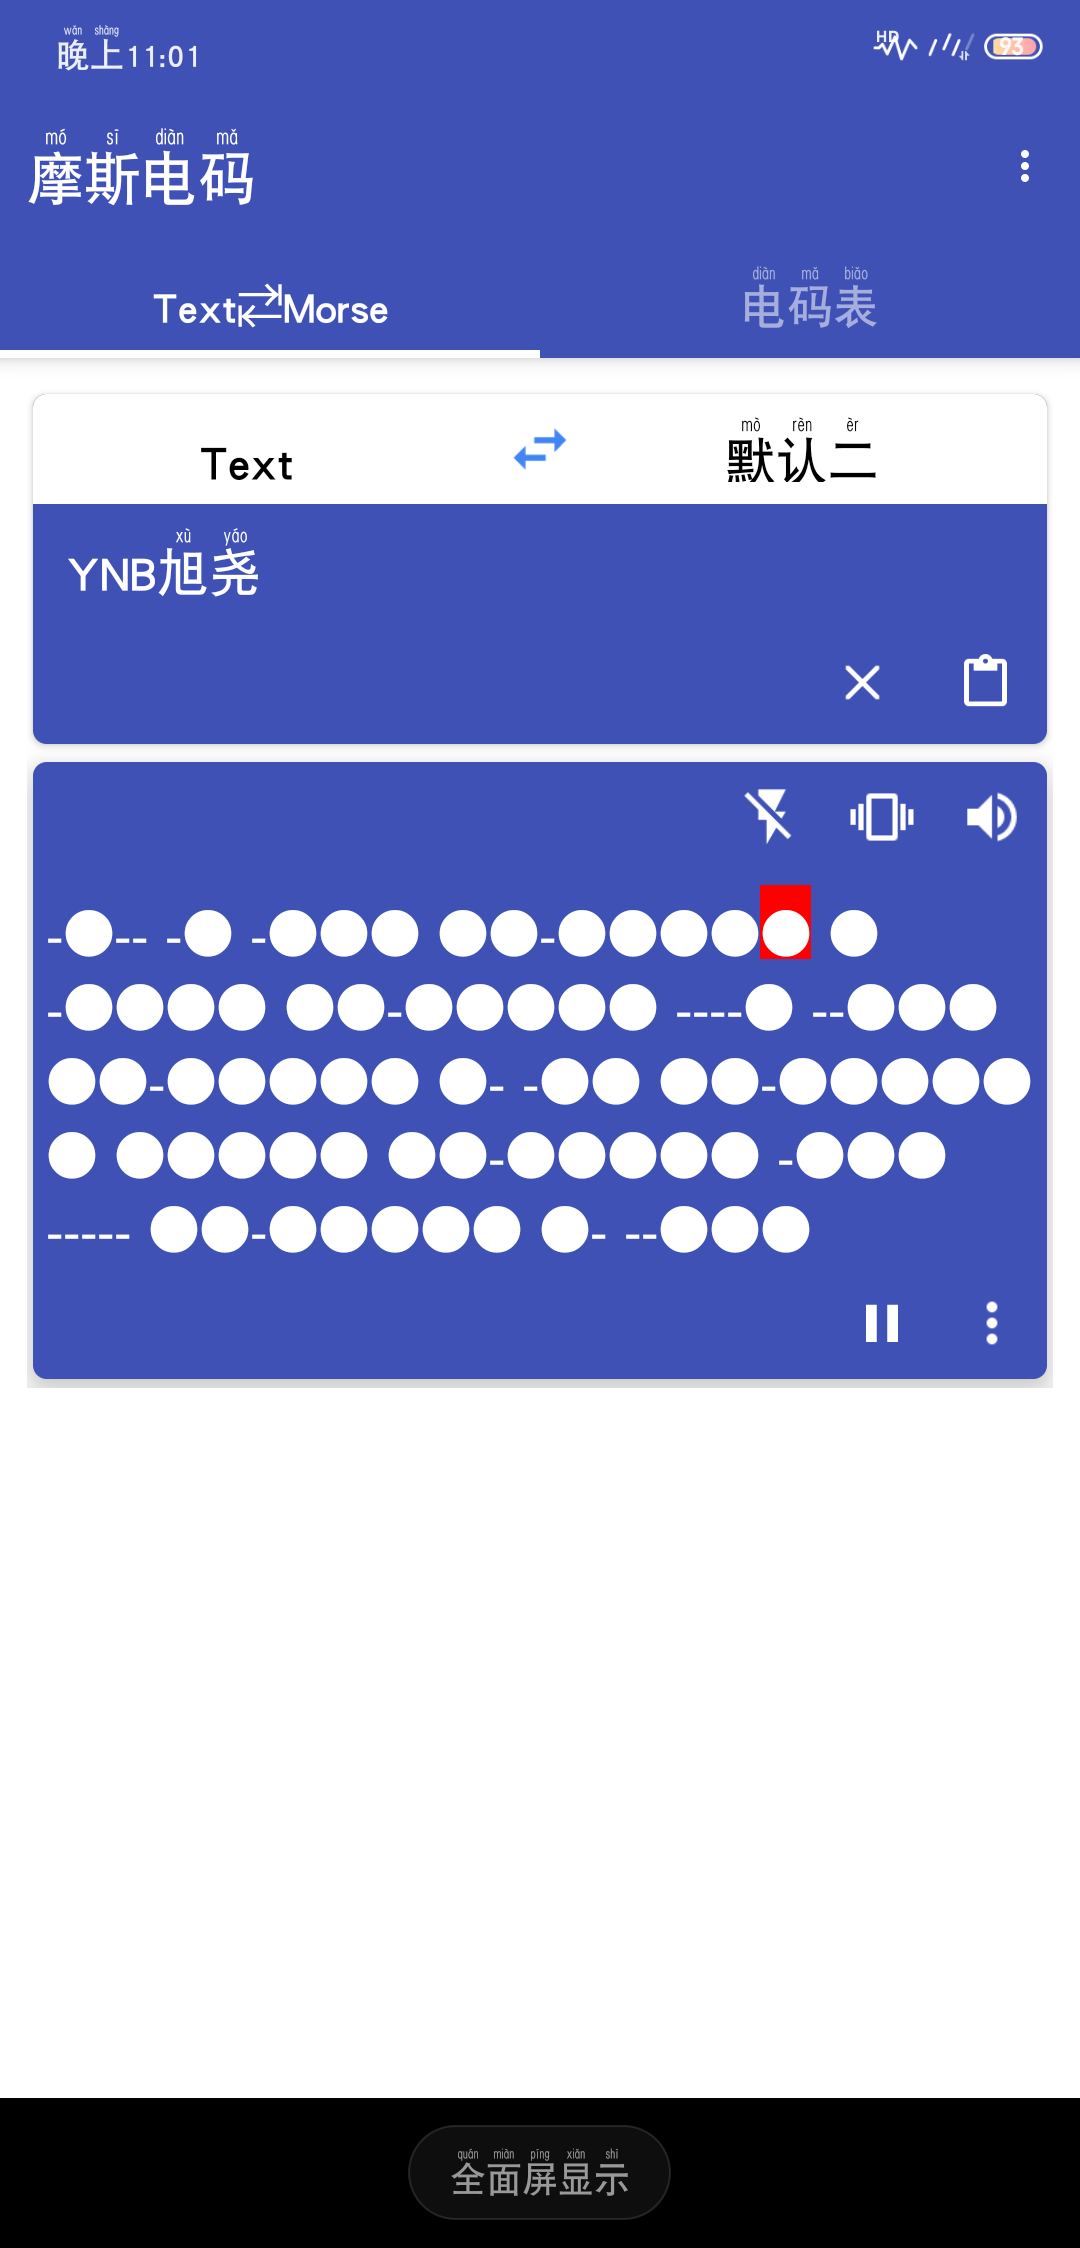 【分享】摩斯电码2.0.0这是一款摩斯电码转换工具,支持中文、-爱小助